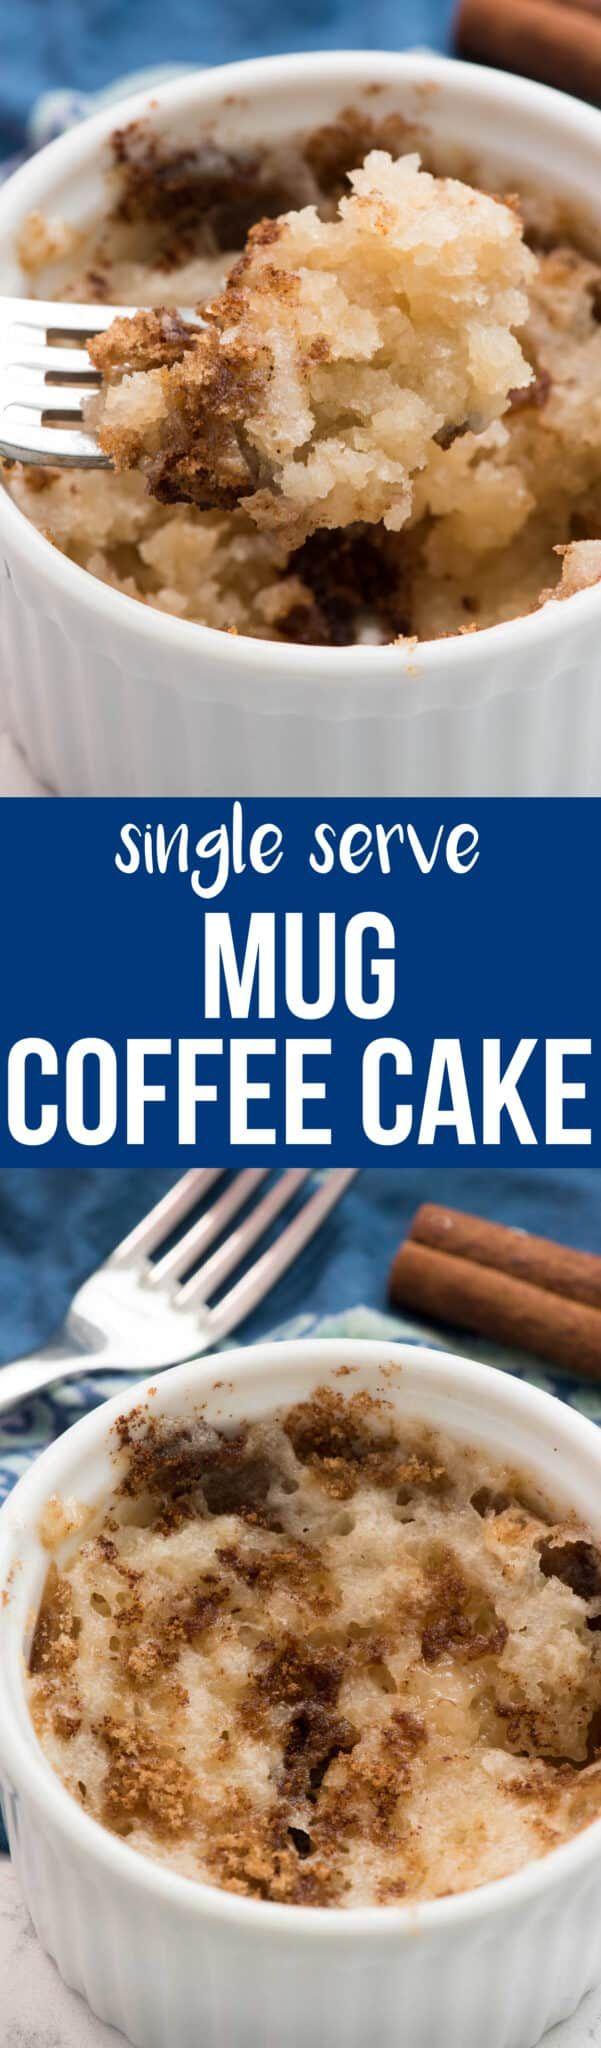 Single Serve Mug Coffee Cake | Recipe in 2020 | Coffee ...